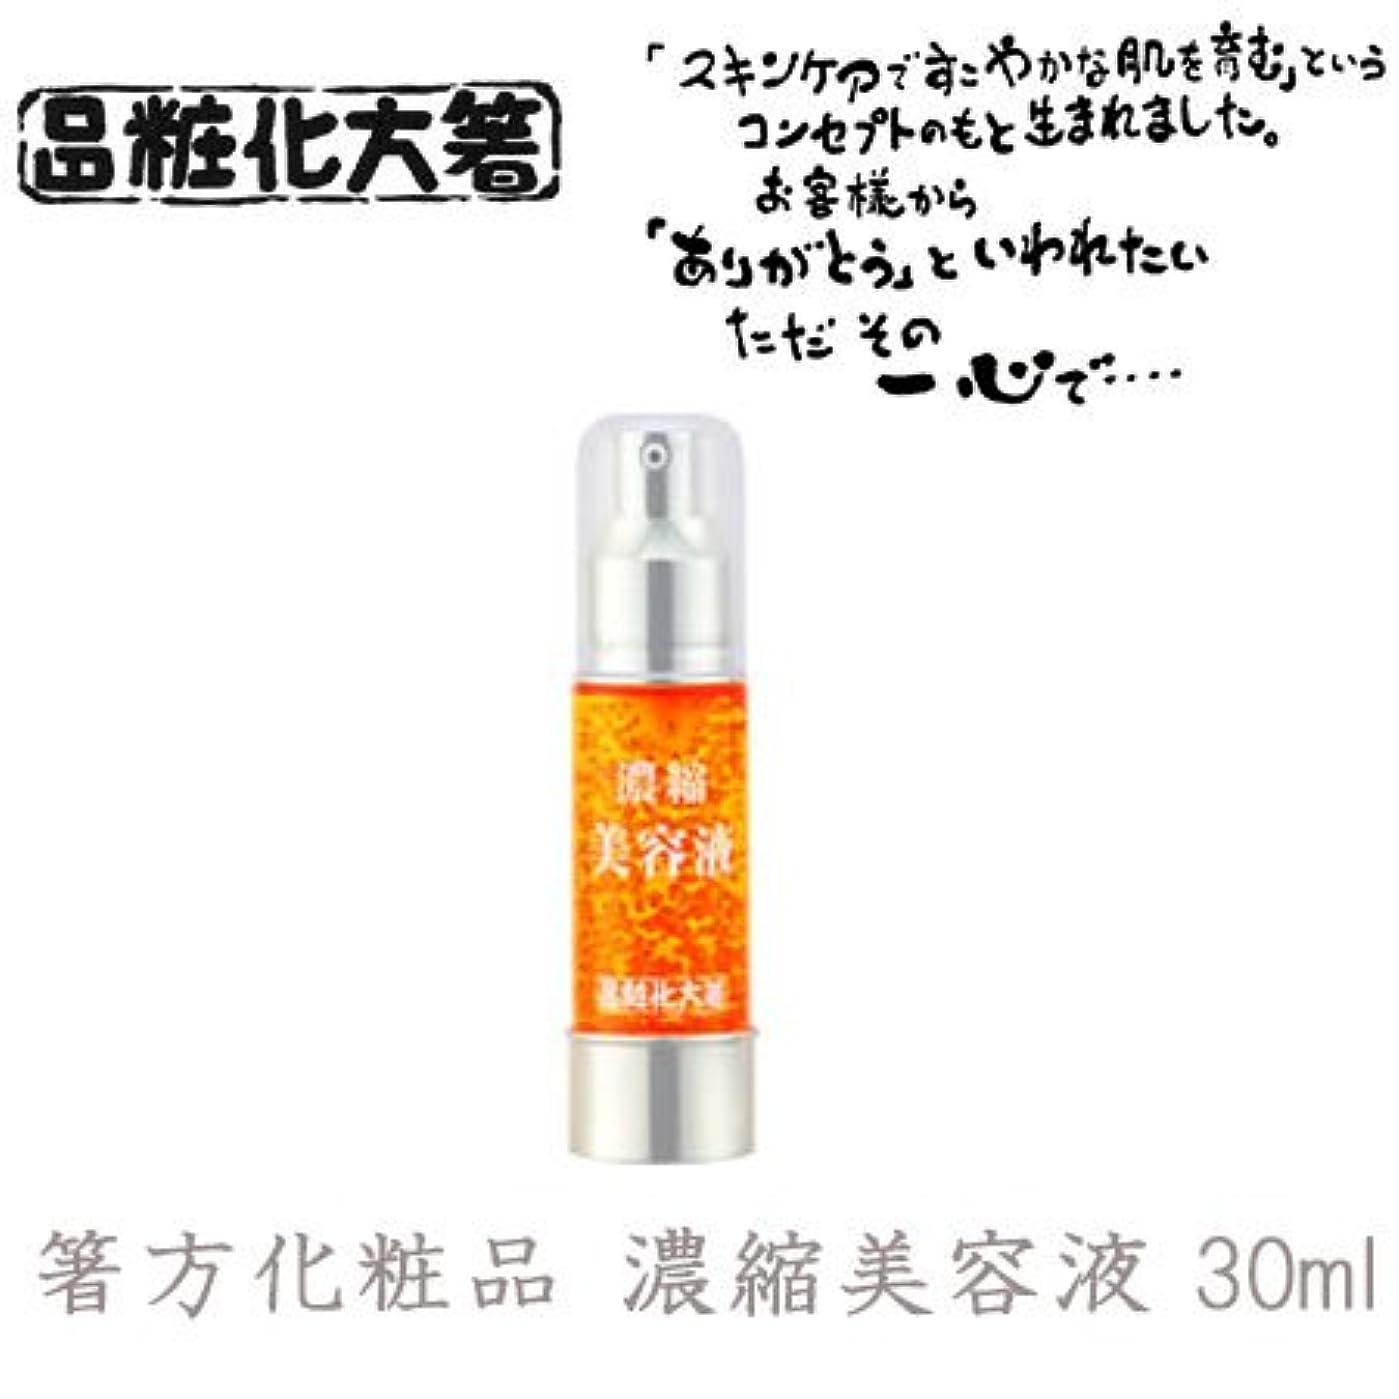 クスクス人間民主党箸方化粧品 濃縮美容液 30ml はしかた化粧品